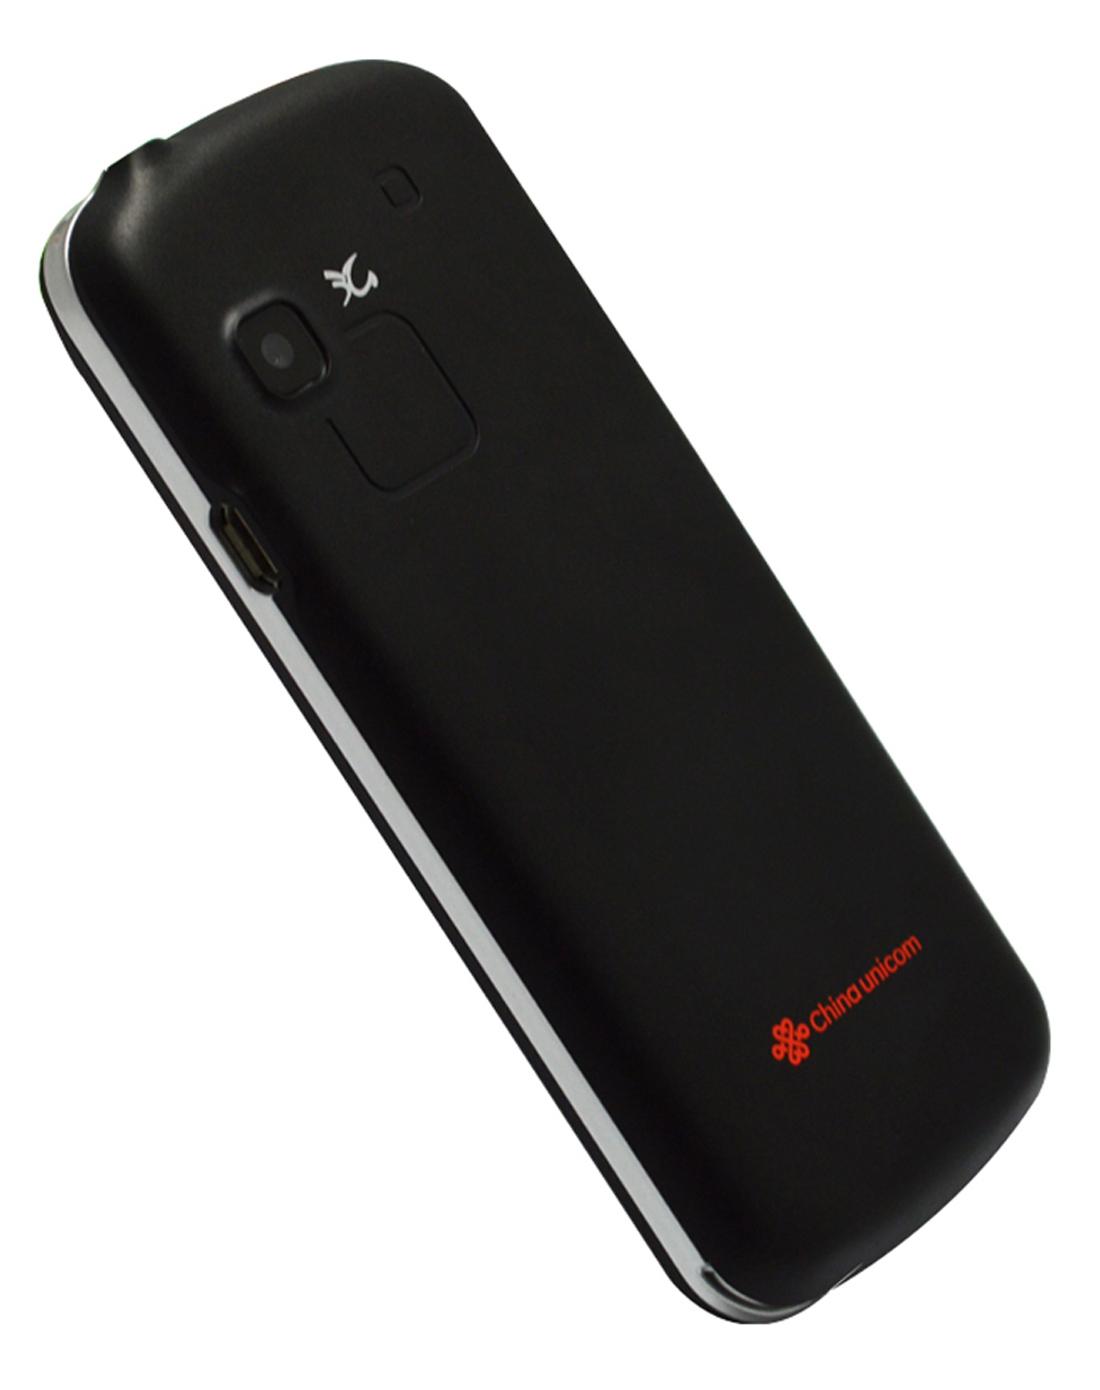 中兴ZTE新机手机F1163G手机(手机)-唯品P2018专场苹果上银色吗图片